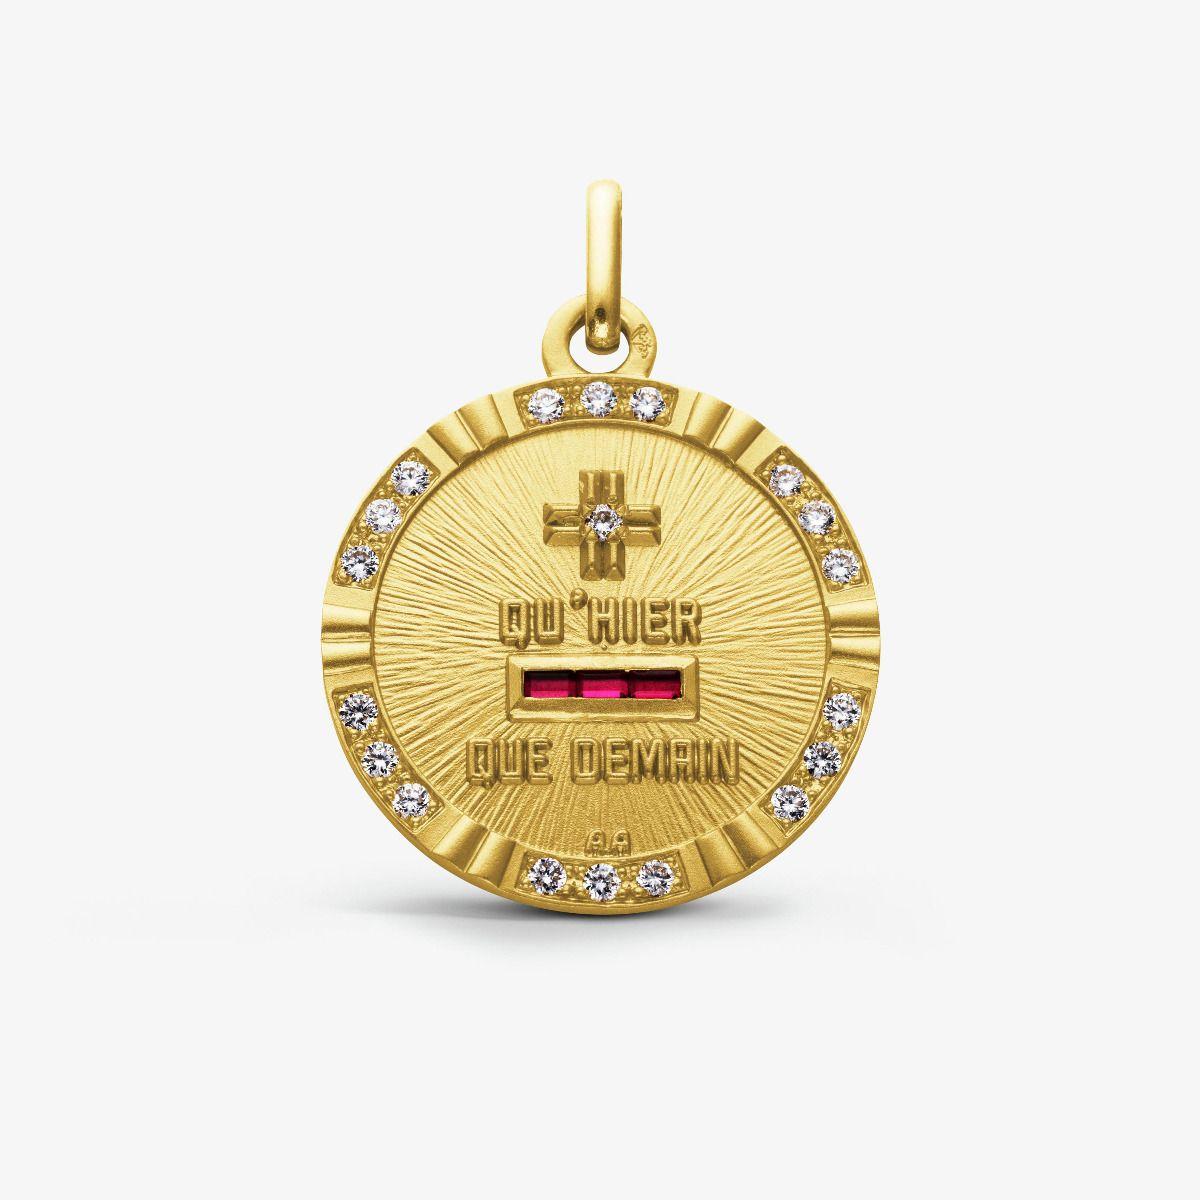 La Médaille d'Amour L'Unique Or jaune 18 carats et diamants 0.28 carats